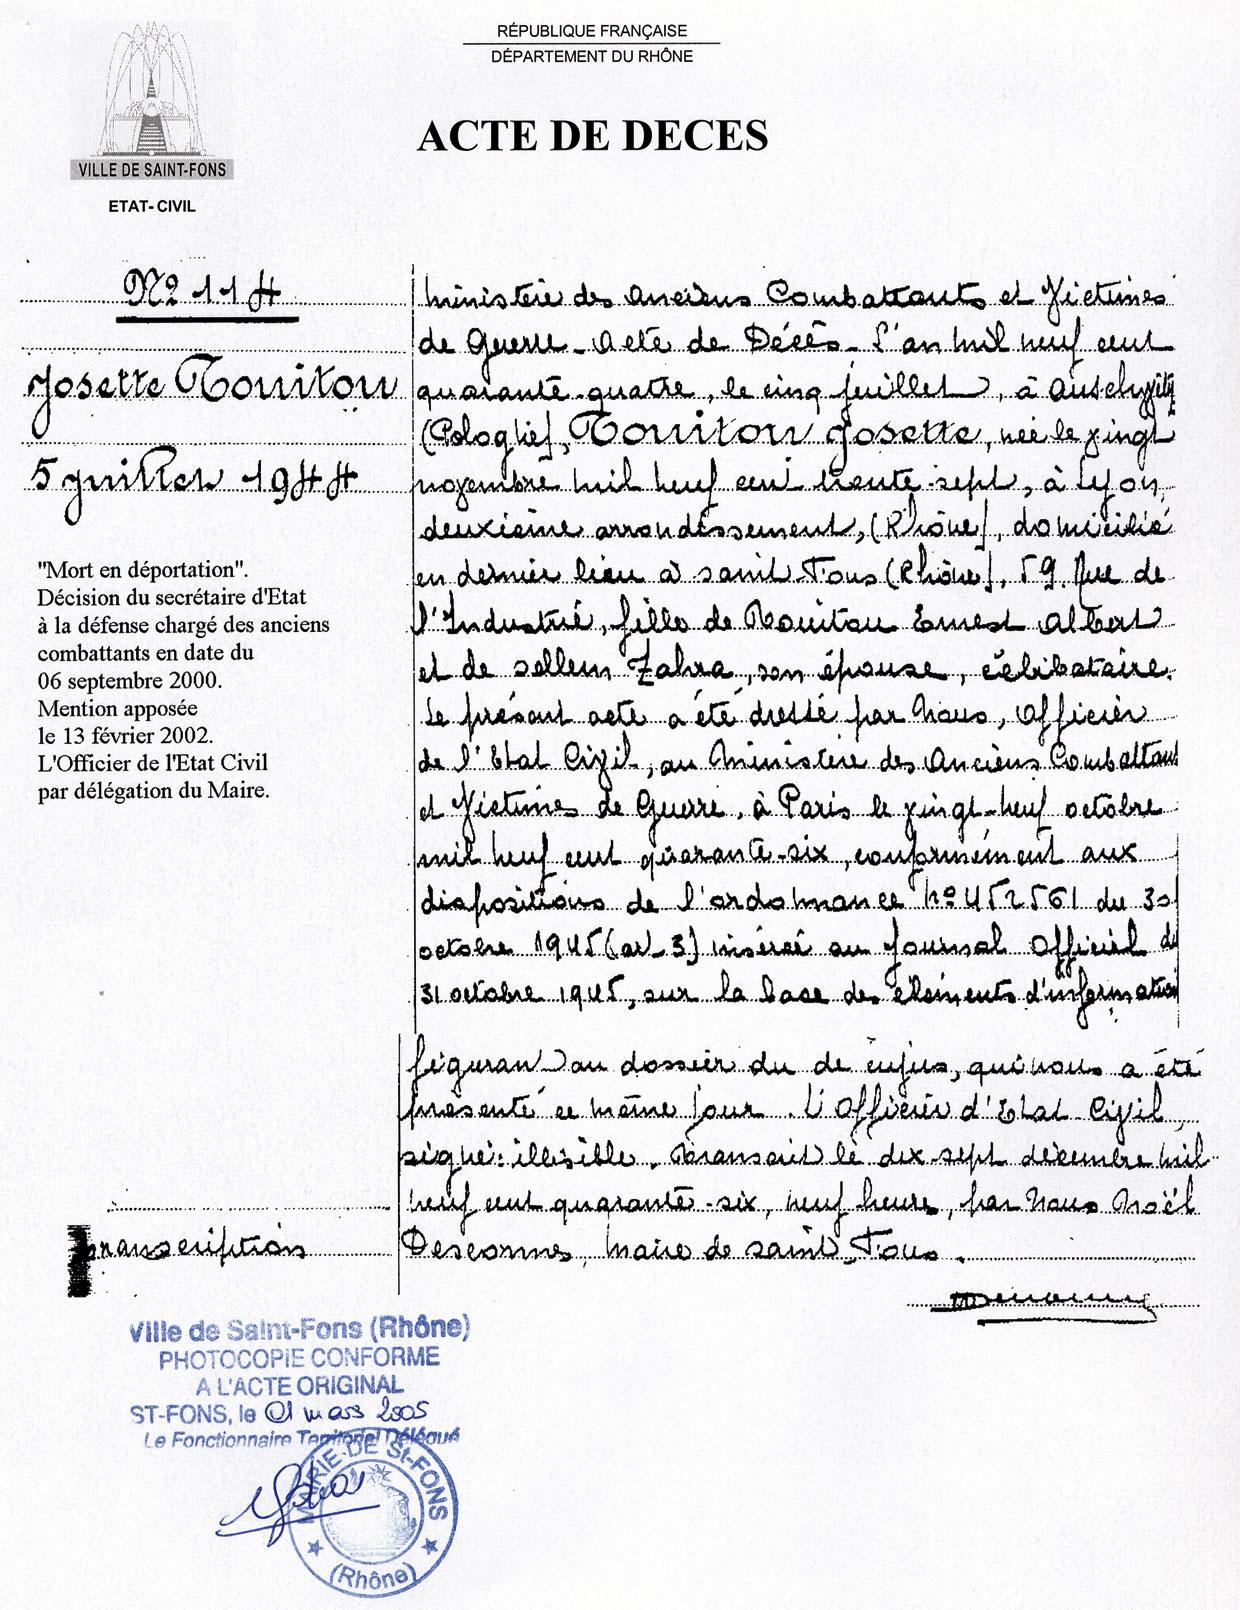 Acte de décès de Josette, Touitou, Saint-Fons